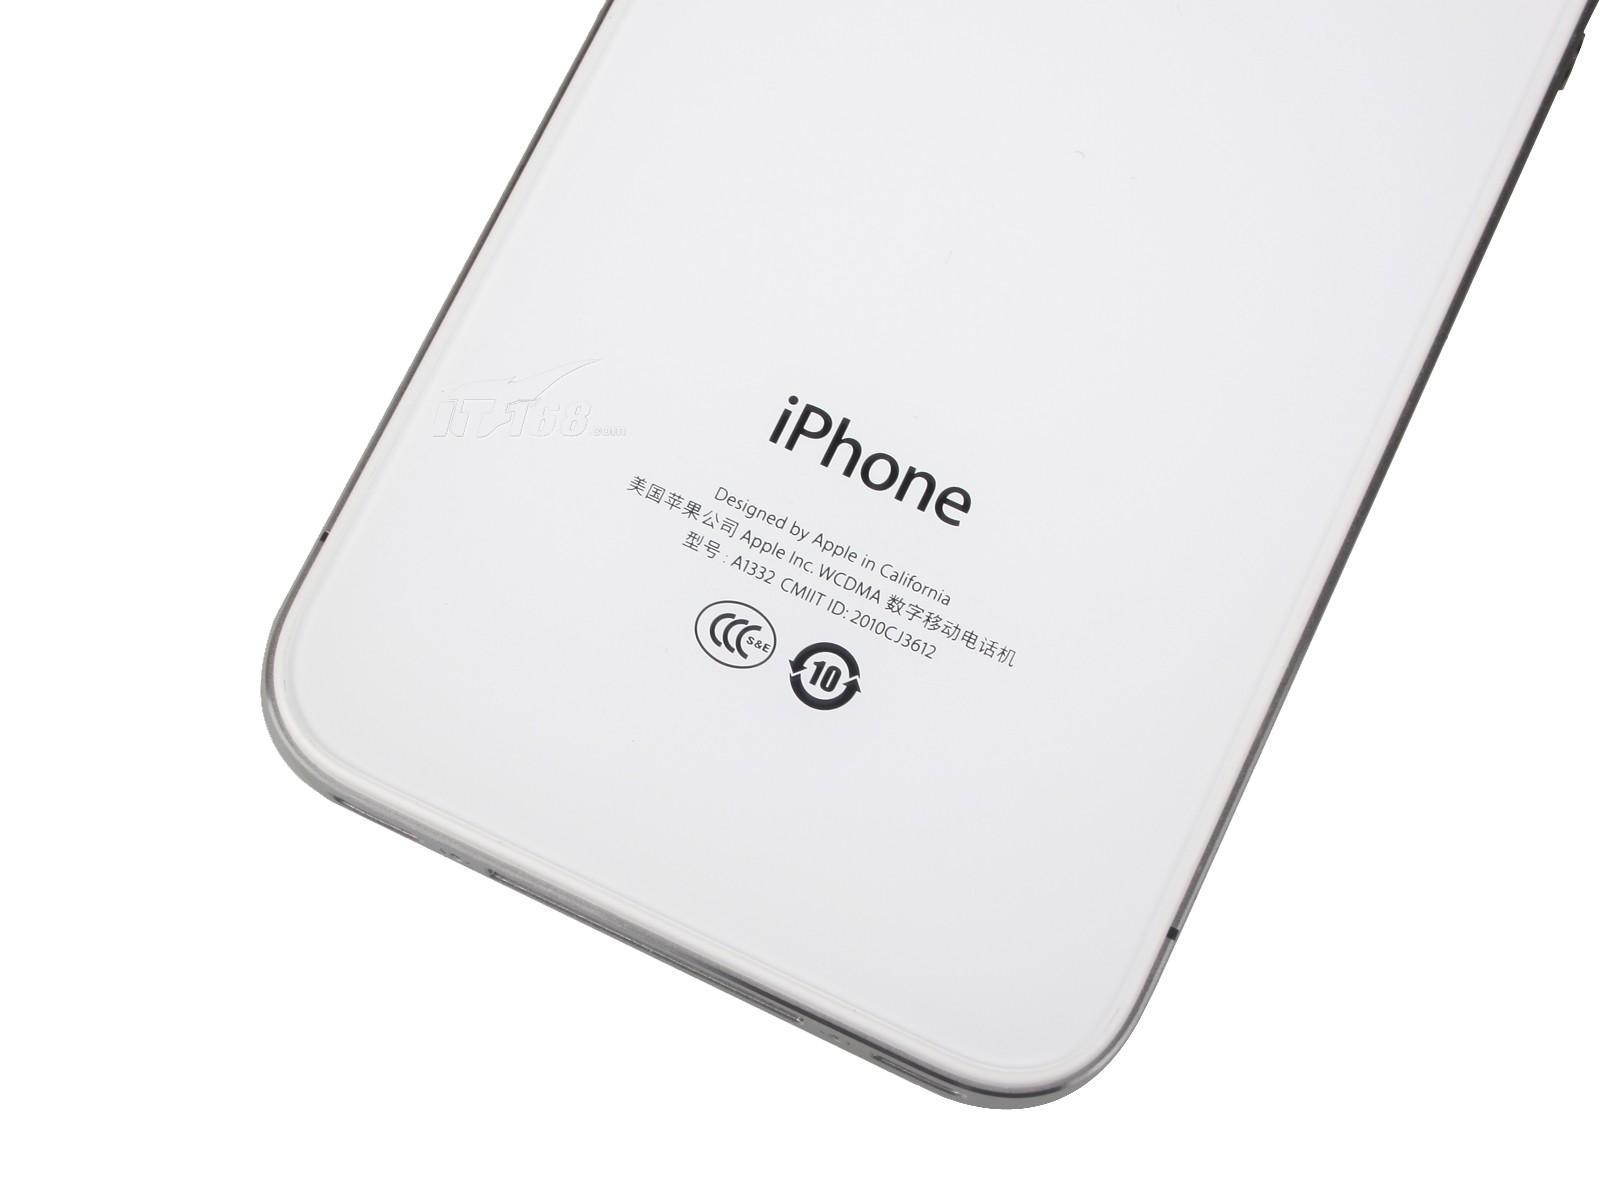 白色iphone416416g(型号版)背面苹果图片素材-it小米手机丢挂失图片